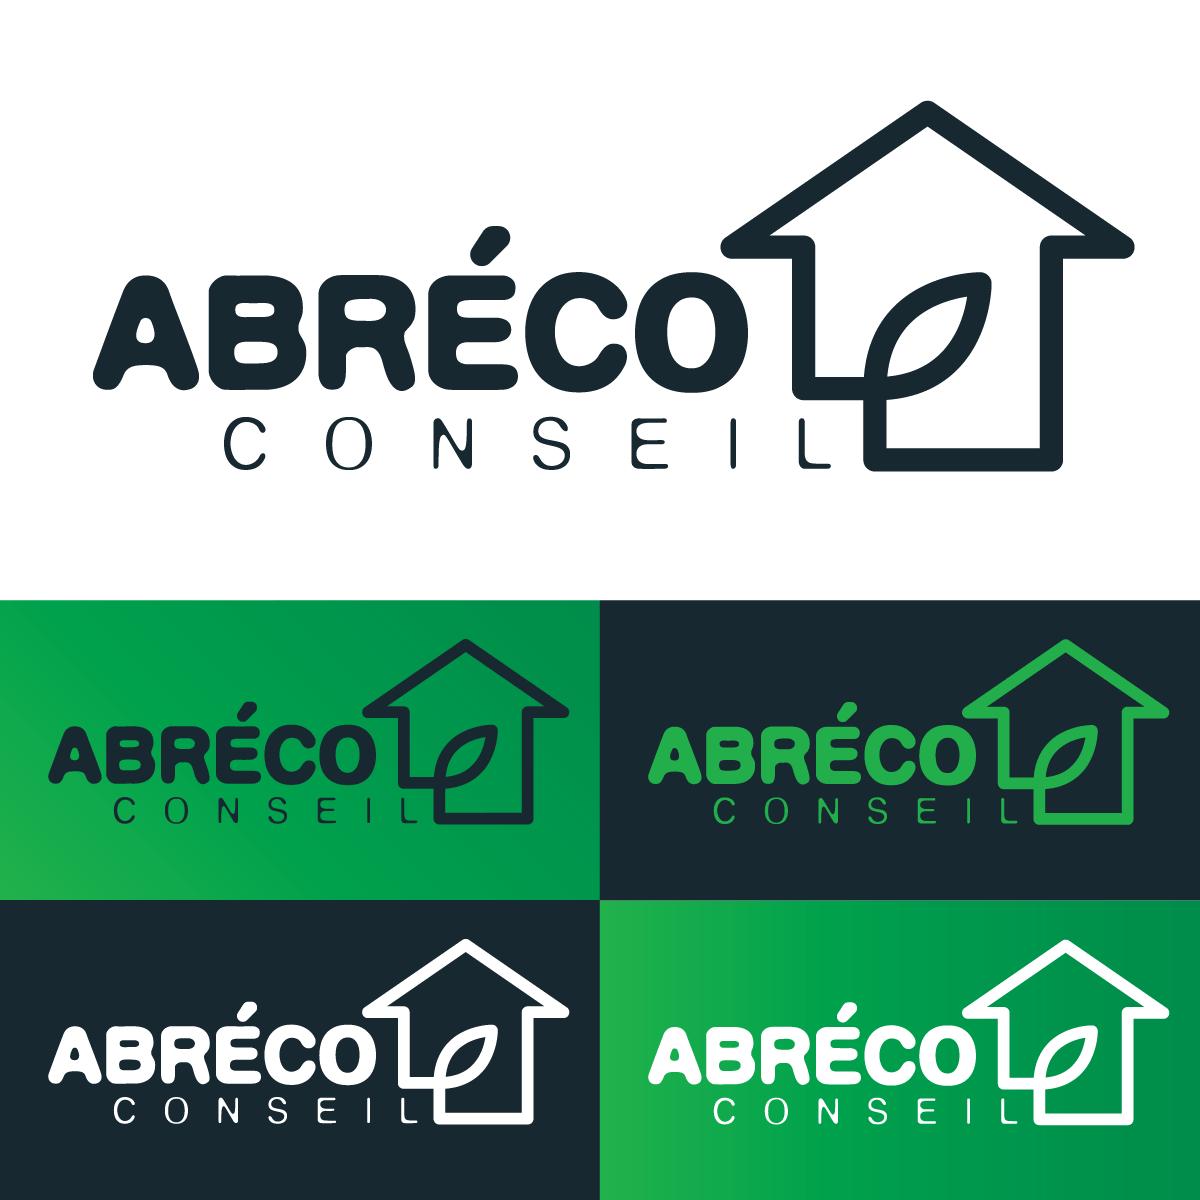 Alternative logo design for Abreco